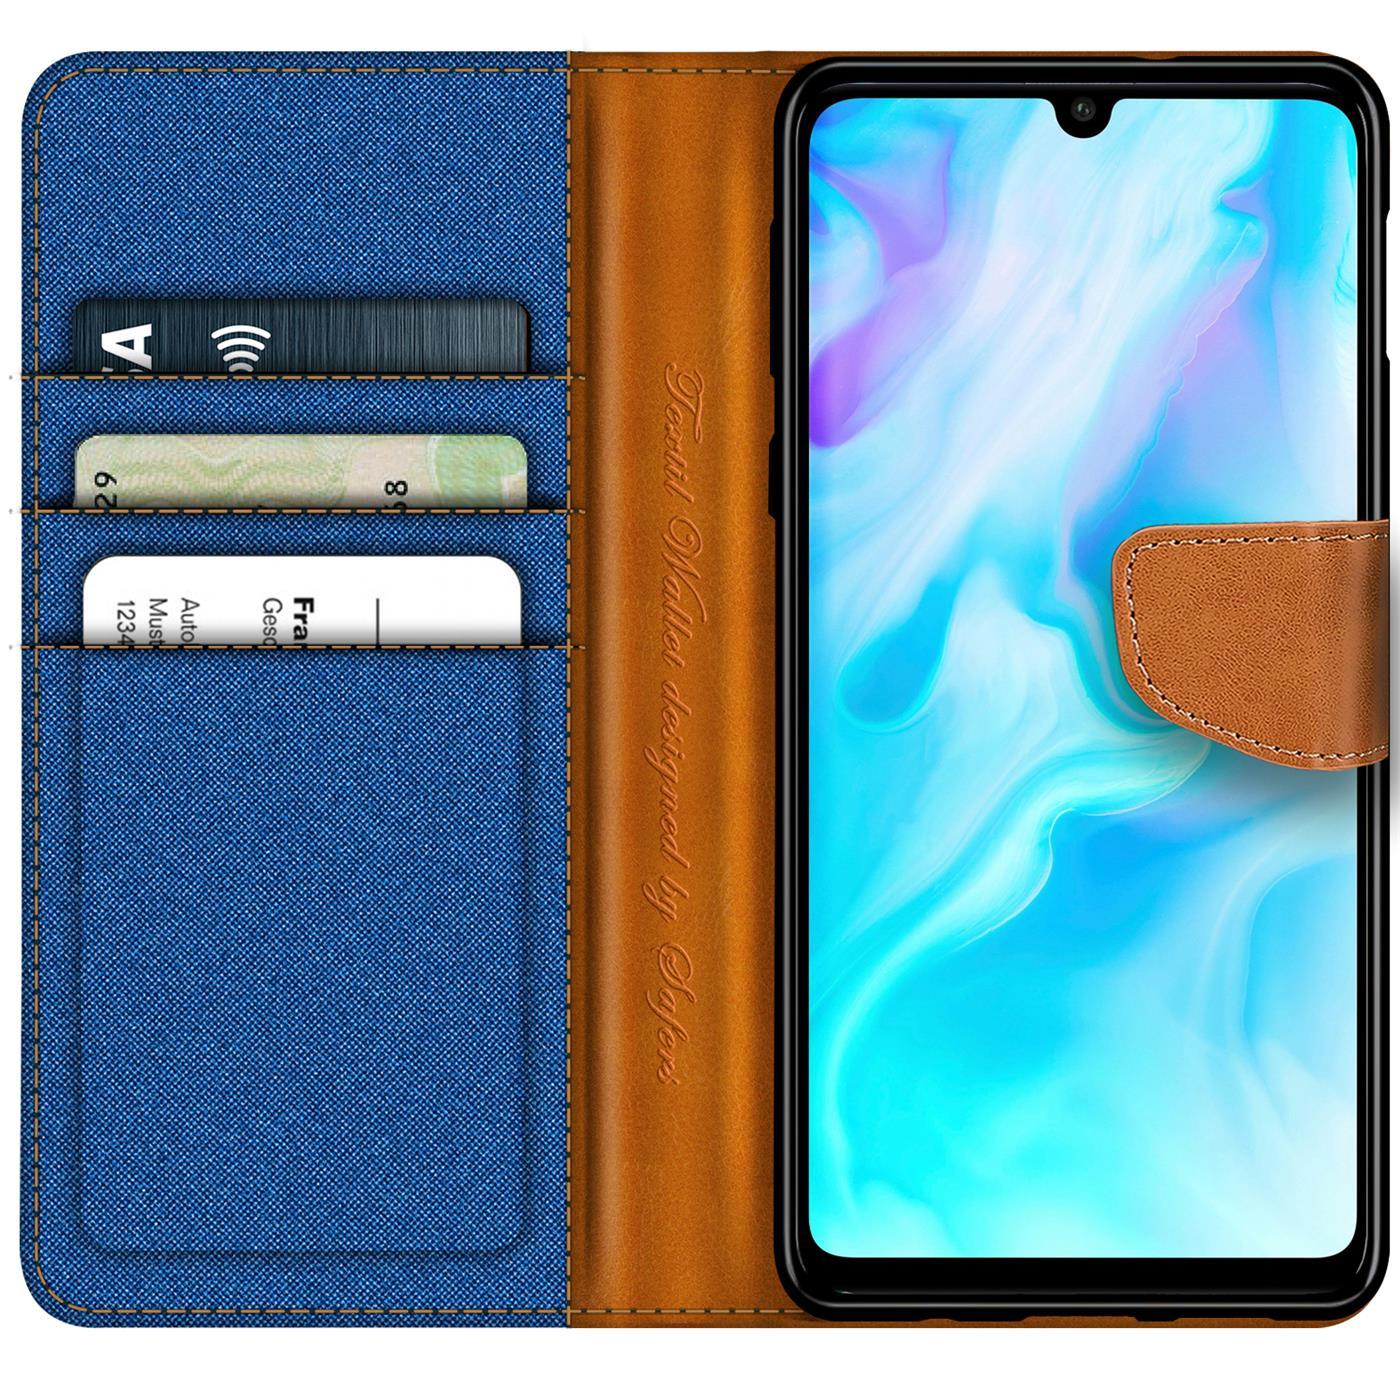 Schutzhuelle-Handy-Huelle-Flip-Case-Klapp-Tasche-Book-Case-Cover-Handyhuelle-Etui Indexbild 18